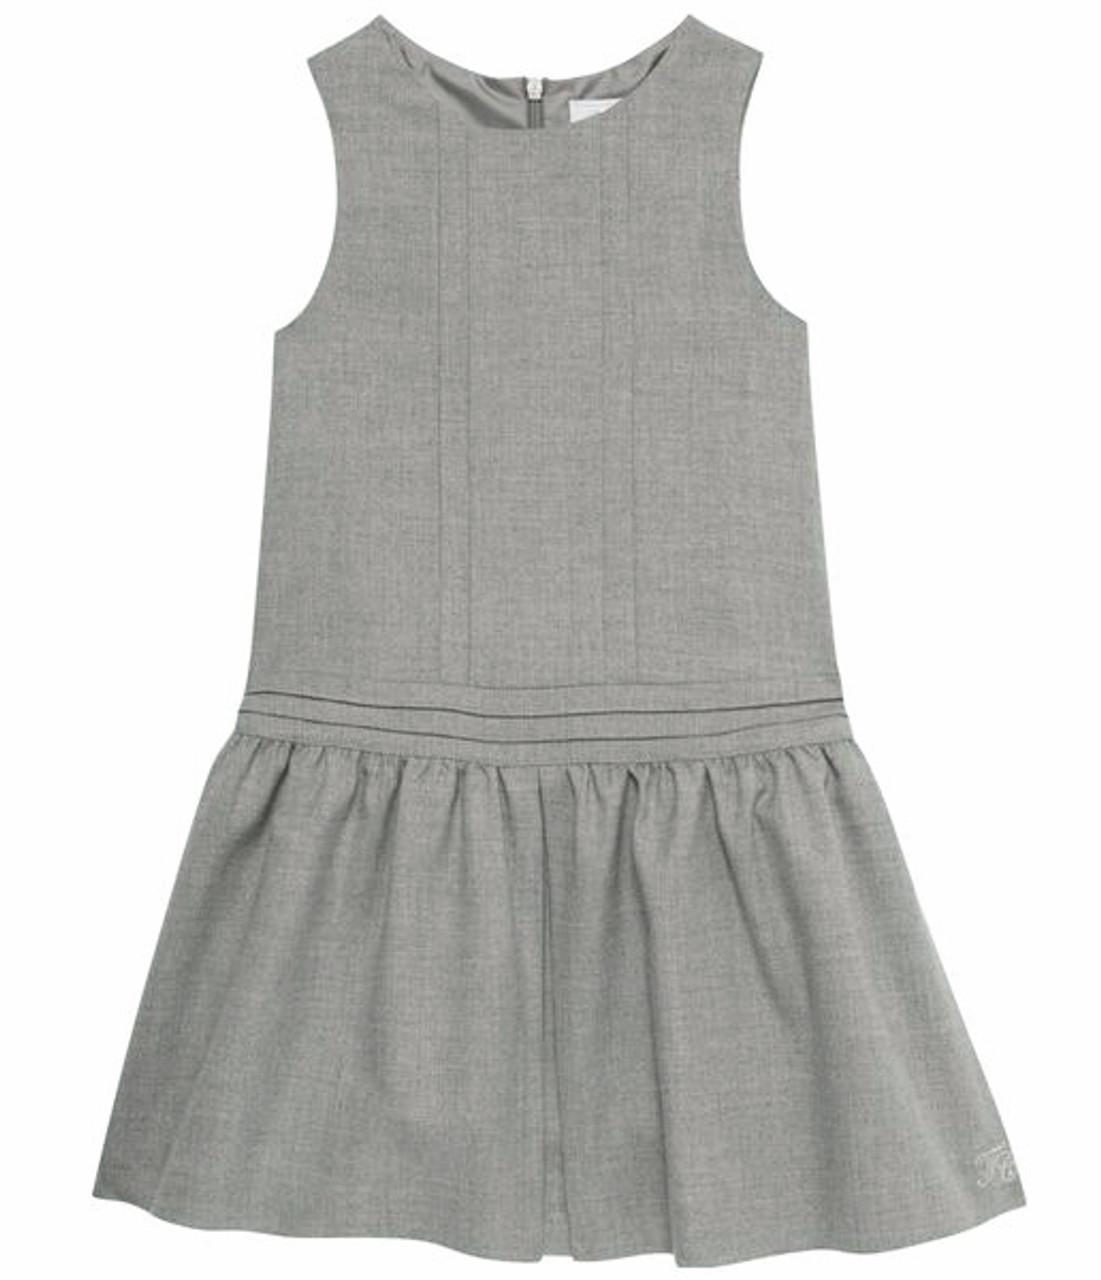 3b807e650 Tartine et Chocolat Dress tg31002-24 - Le Petit Kids